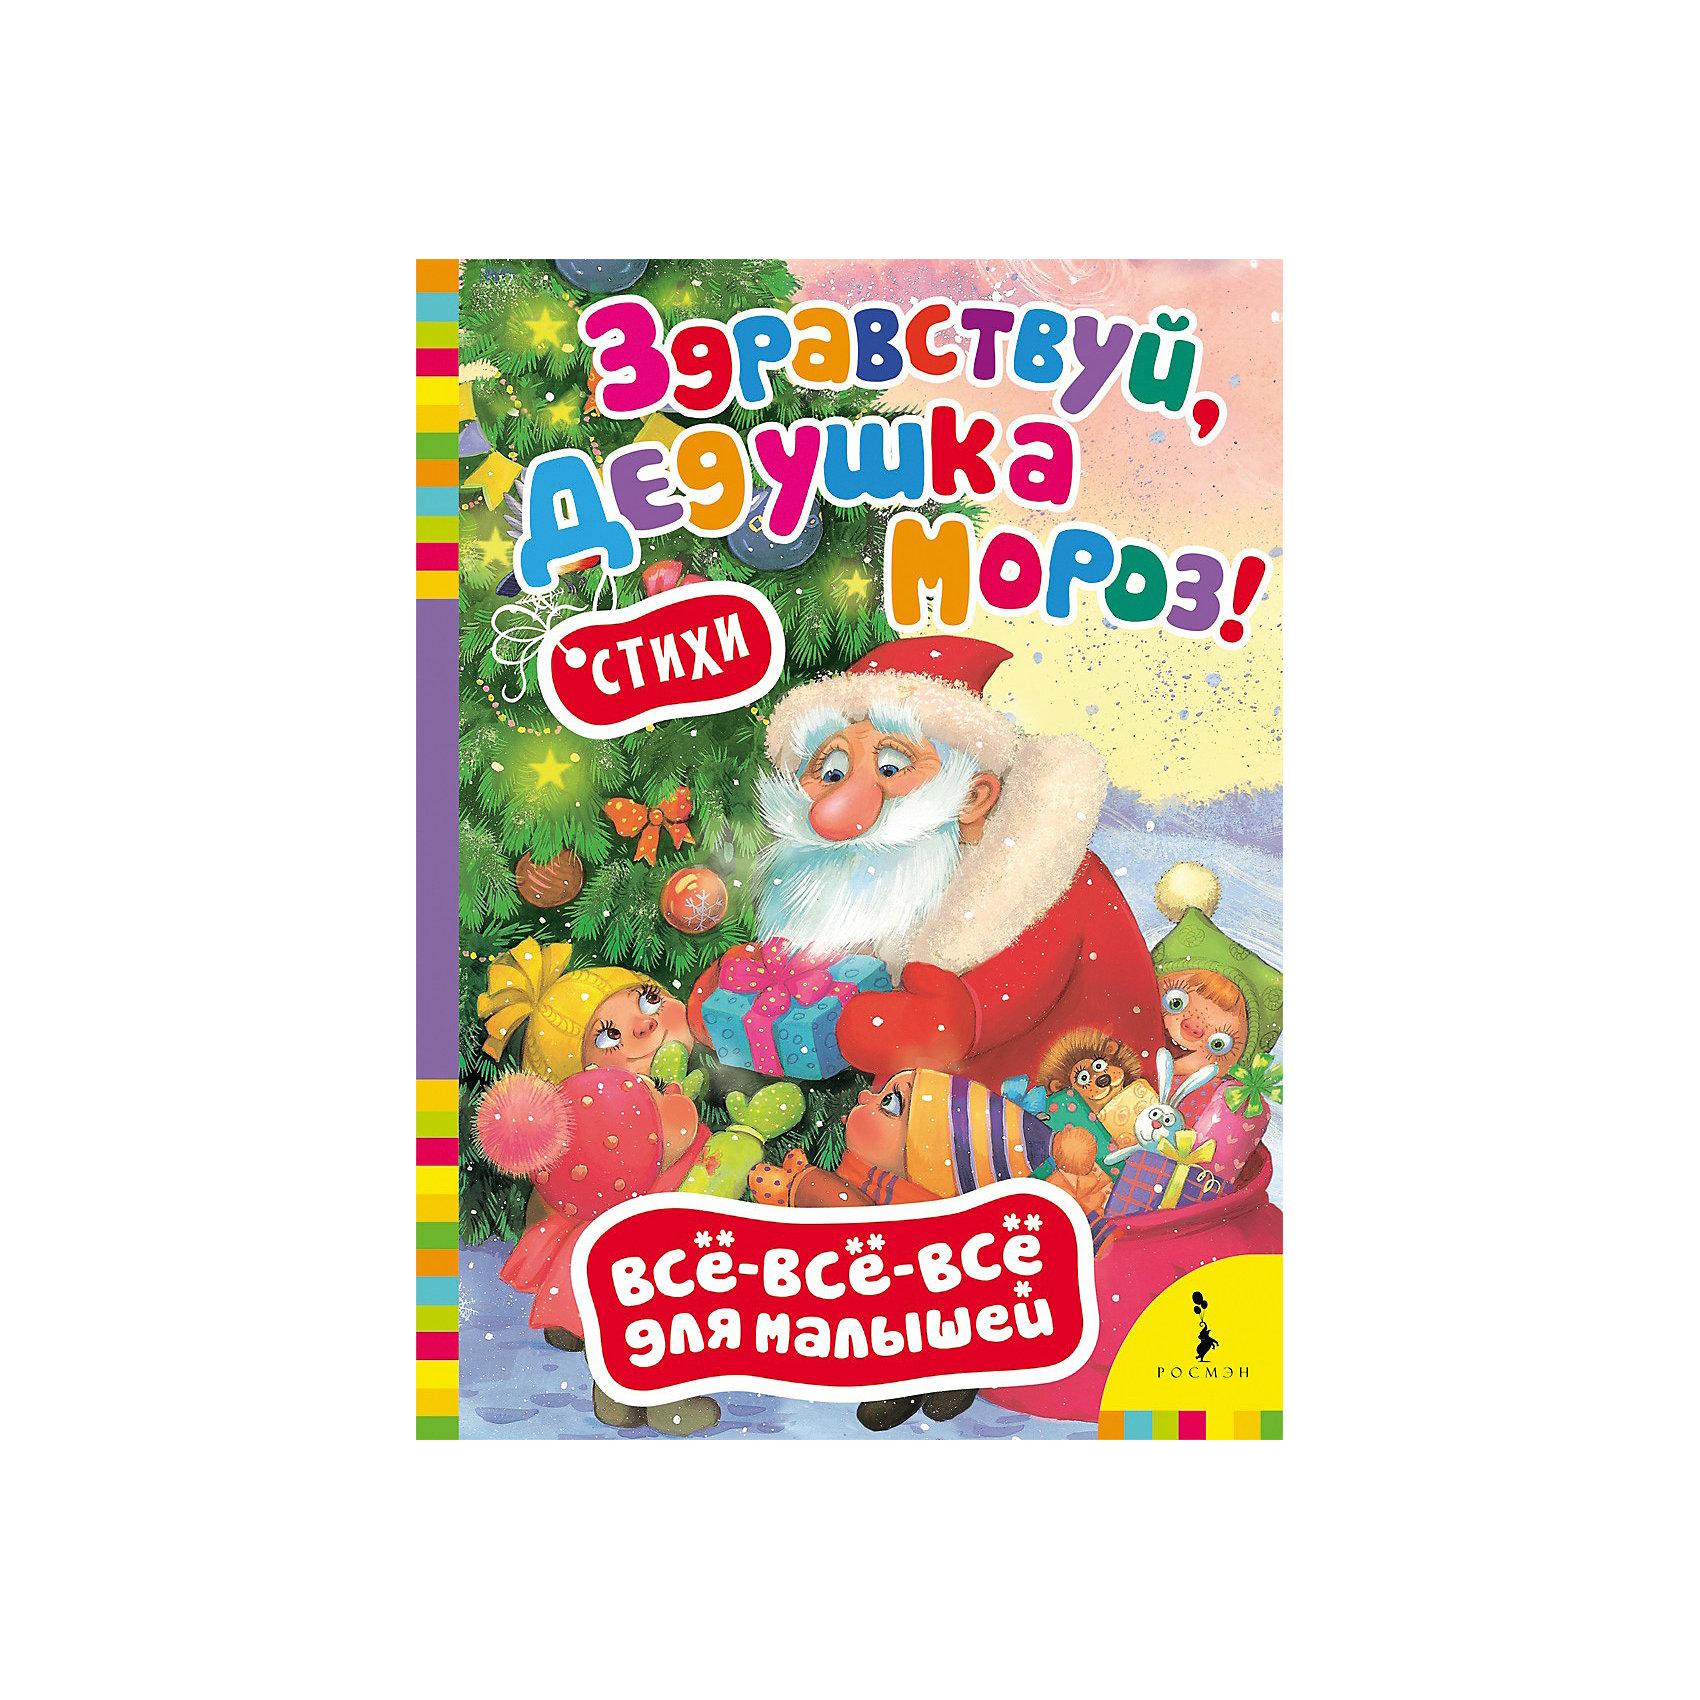 Здравствуй, дедушка Мороз!Новогодние книги<br>Прекрасный сборник для самых маленьких. Эта  книжка включает в себя небольшие добрые стихи, написанные простым понятным языком. Сборник дополнен яркими иллюстрация, которые заинтересуют даже самых юных читателей. Страницы книги выполнены из плотного картона - их очень удобно переворачивать.<br><br>Дополнительная информация:<br><br>- Переплет: картон.<br>- Формат: 215х160х5 мм<br>- Количество страниц: 8 стр. <br>- Автор: Марина Дружинина, Екатерина Корсакова, Наталья Скороденко, И. Сурикова<br>- Иллюстрации: цветные.<br>- Иллюстратор: Л. Еремина.<br>- В книгу вошли стихи: Лучший праздник - Новый год!, Зимушка-зима, Фейерверк,  Ёлка, Дед Мороз, Зима.<br><br>Большую новогоднюю книгу серии Все лучшие сказки можно купить в нашем магазине.<br><br>Ширина мм: 215<br>Глубина мм: 160<br>Высота мм: 5<br>Вес г: 120<br>Возраст от месяцев: 12<br>Возраст до месяцев: 72<br>Пол: Унисекс<br>Возраст: Детский<br>SKU: 3831772